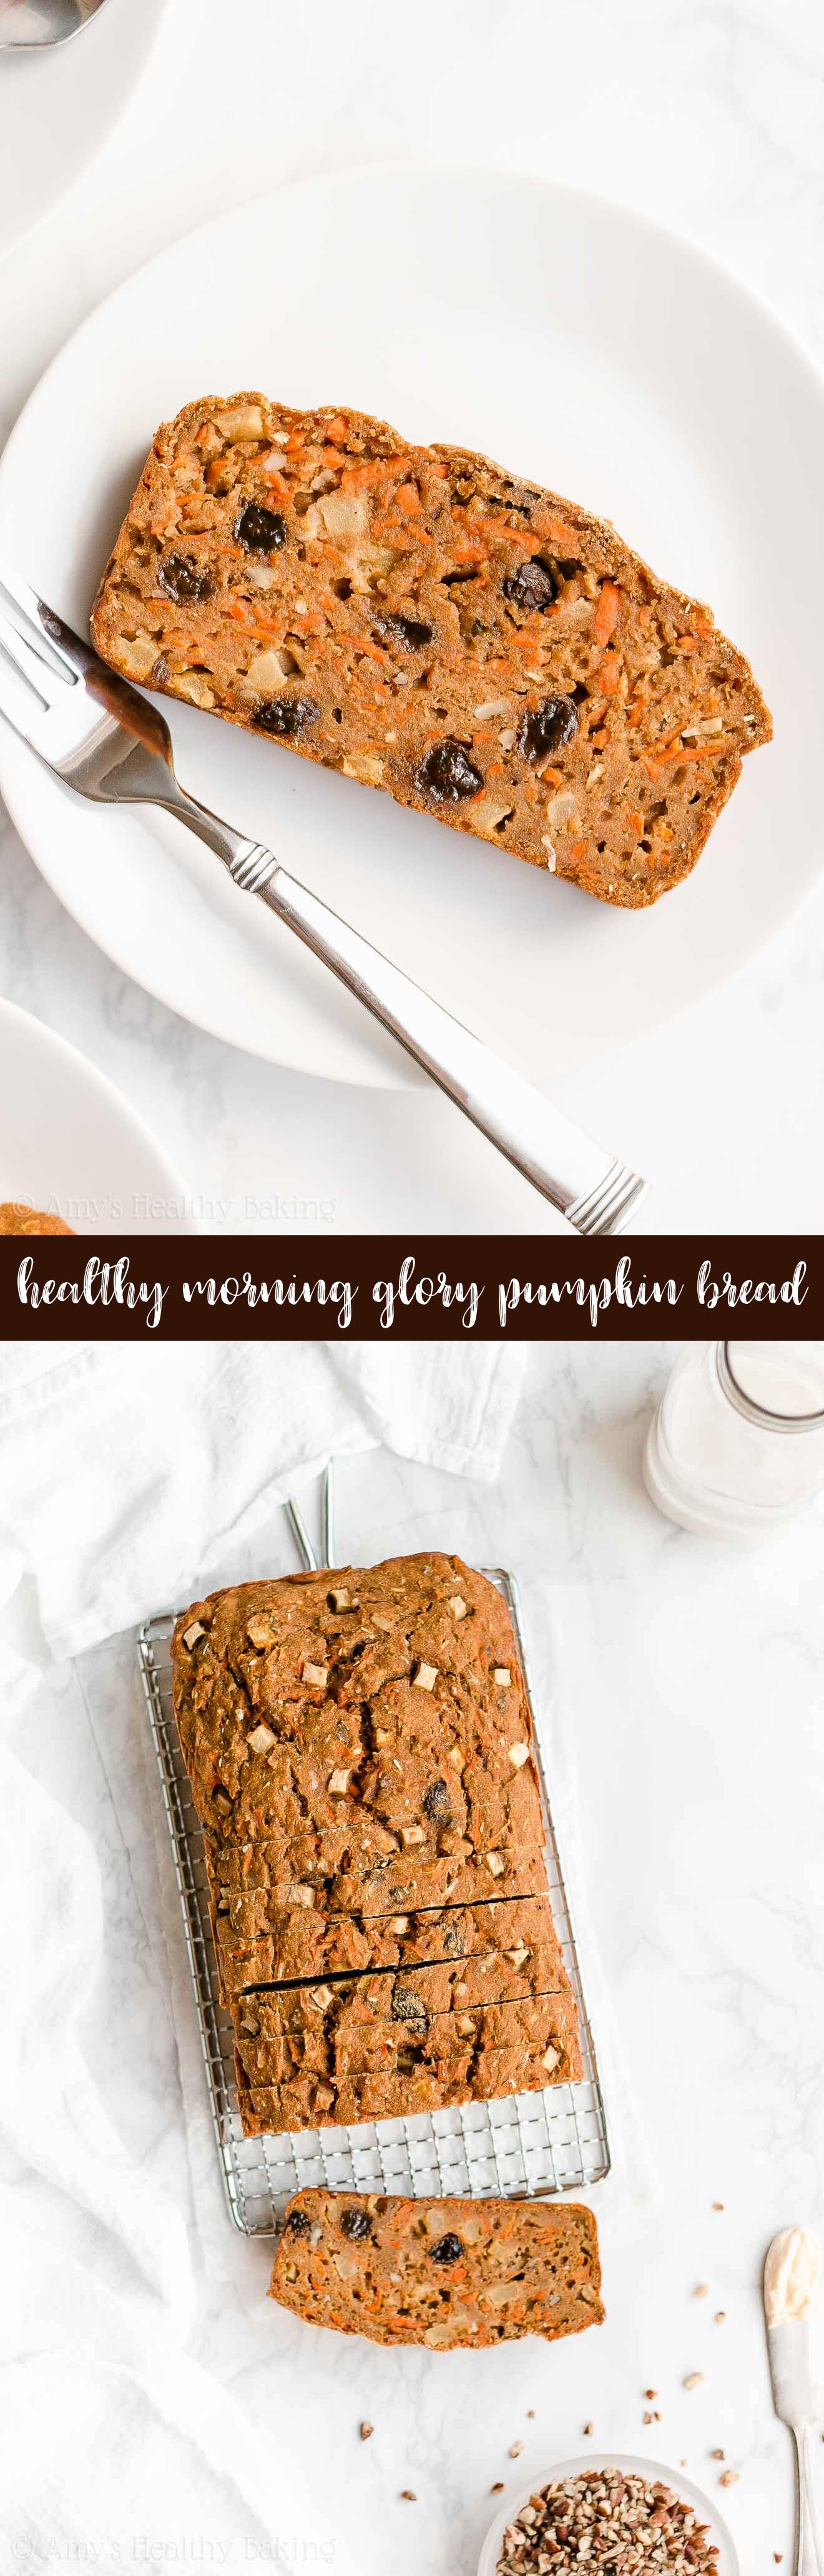 Best Ever Healthy Clean Eating Greek Yogurt Morning Glory Pumpkin Bread